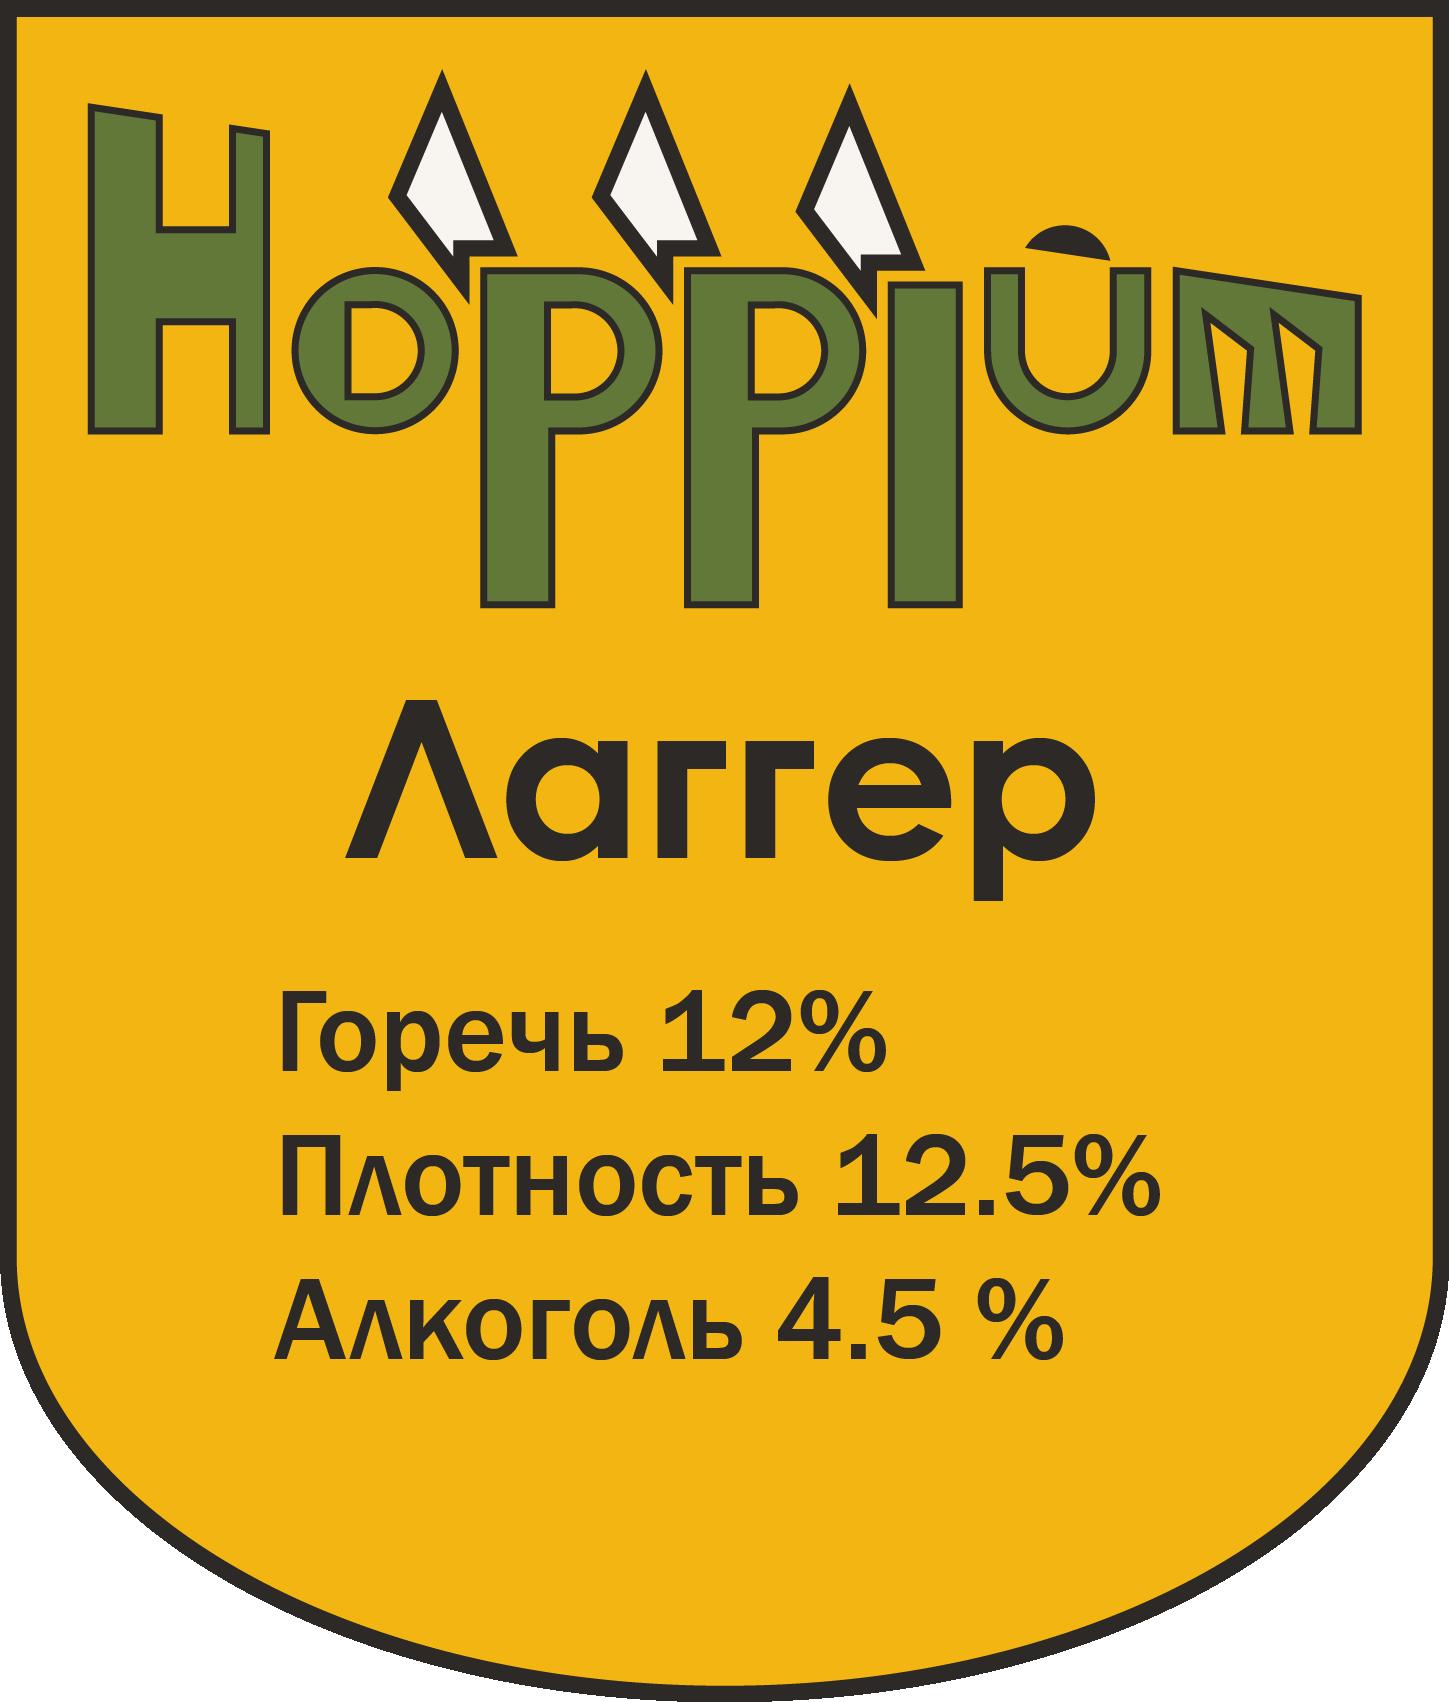 Логотип + Ценники для подмосковной крафтовой пивоварни фото f_8425dc2ab5588d4c.png